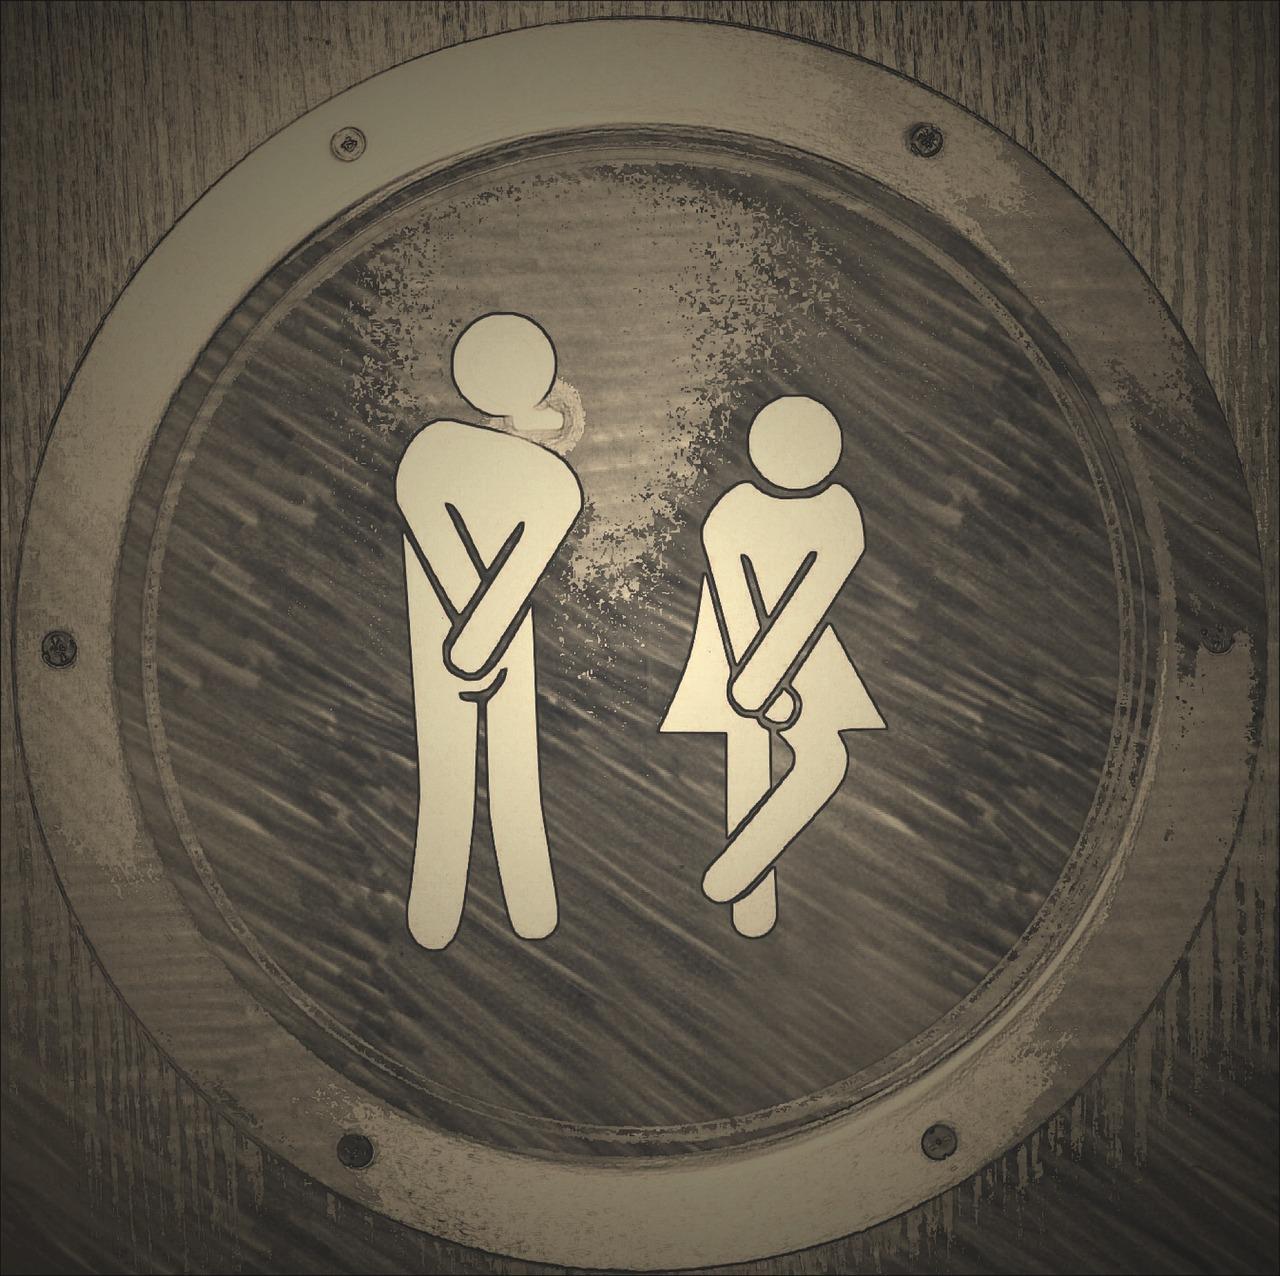 Toalett, Wc, Loo, Offentlig Toalett, Søt, Funny, Kvinne